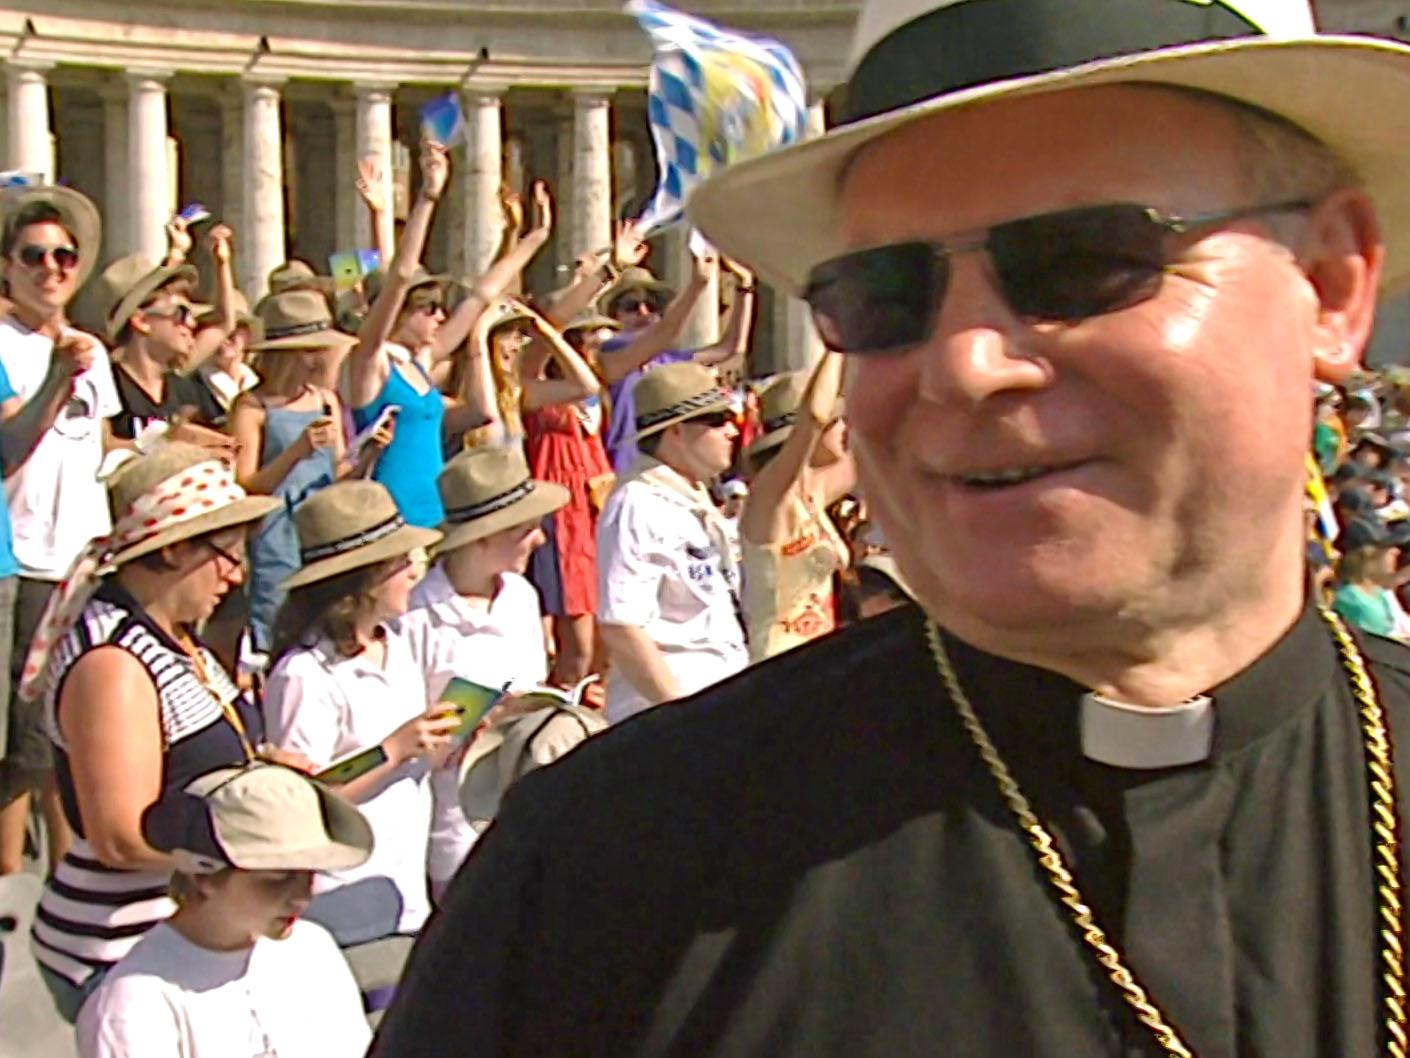 Bischof Konrad bei der Ministrantenwallfahrt 2010 in Rom. (Archivbild: BR)